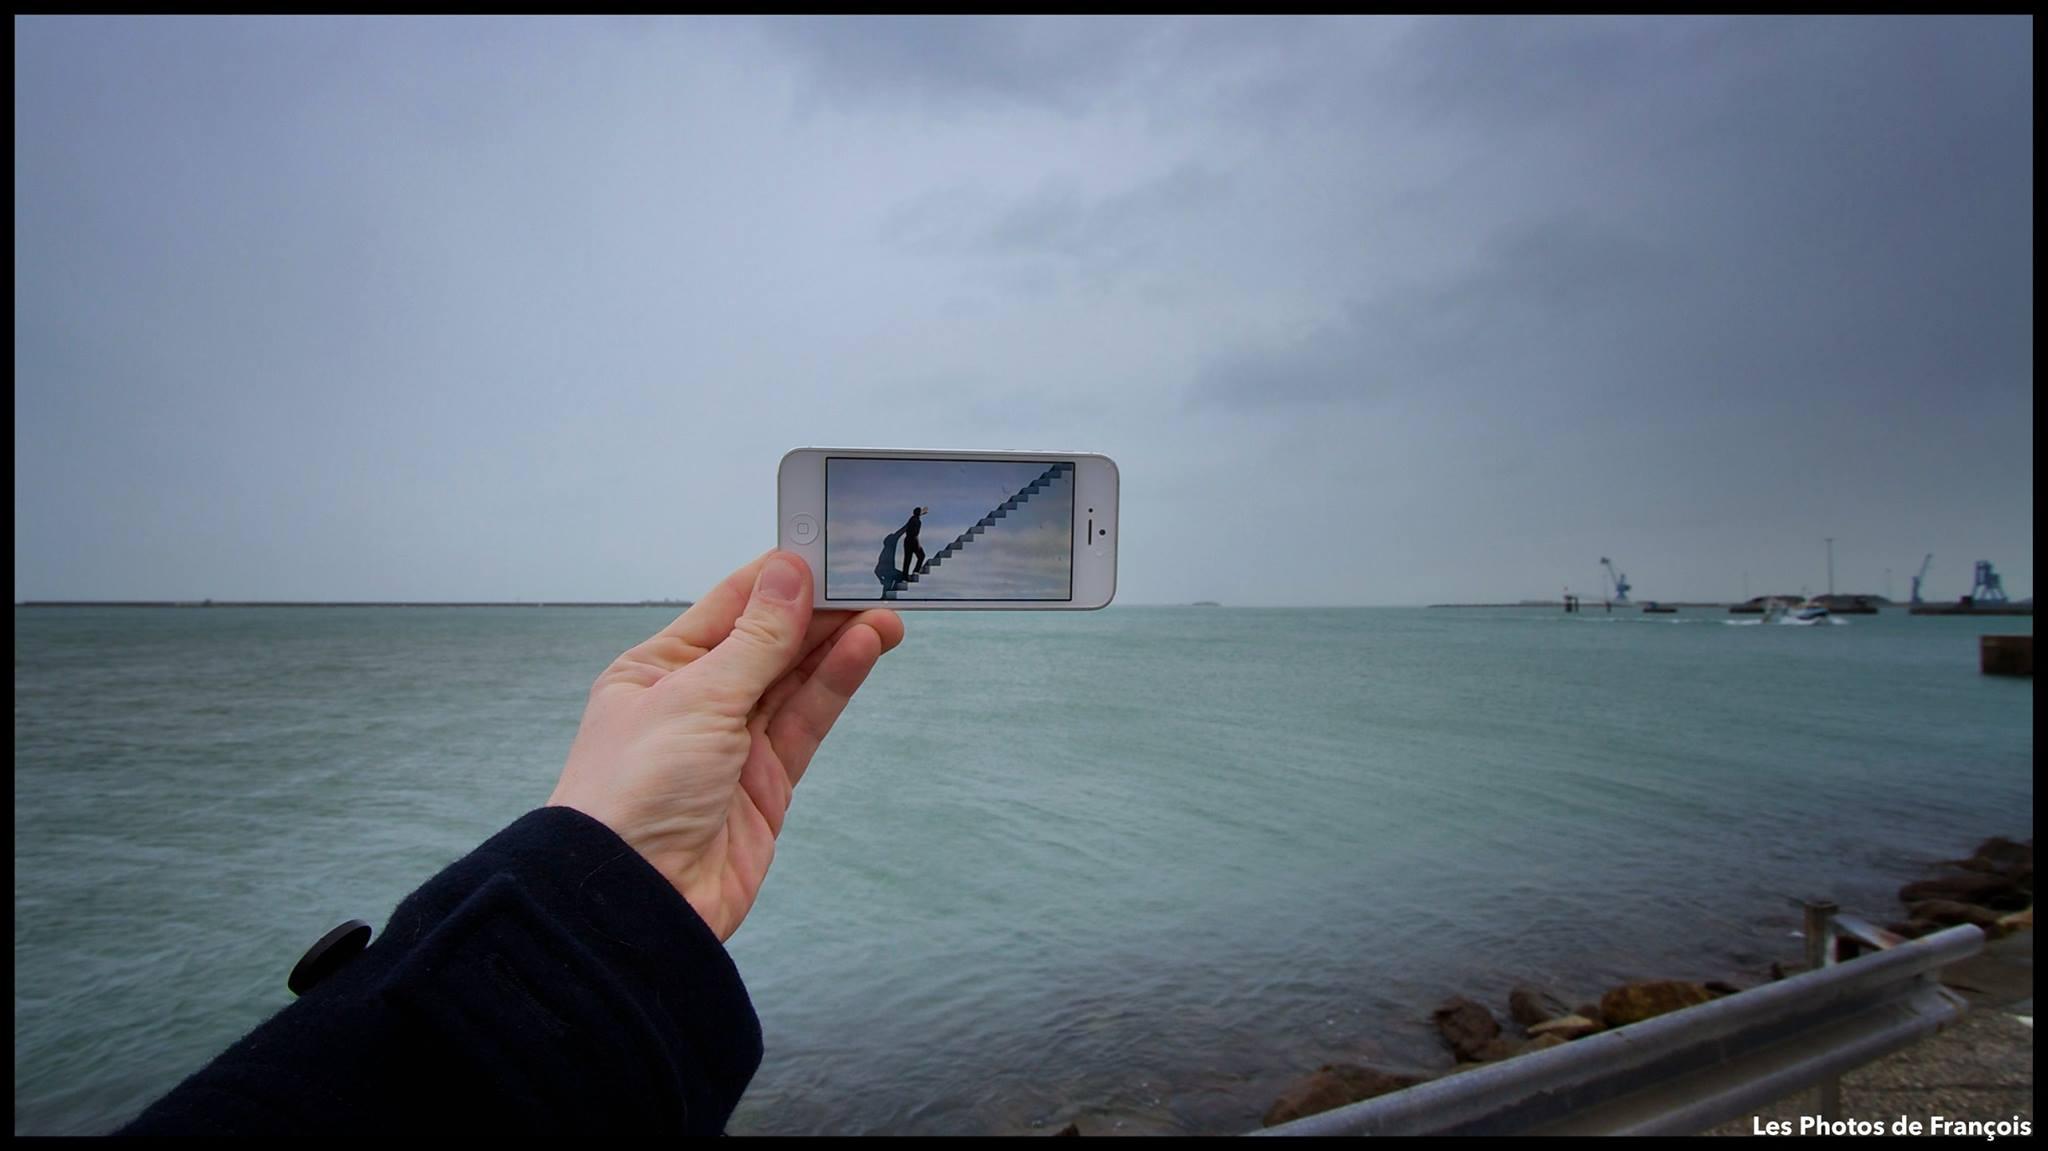 Ficción en la vida real: Las 25 fotos más divertidas de François Dourlen